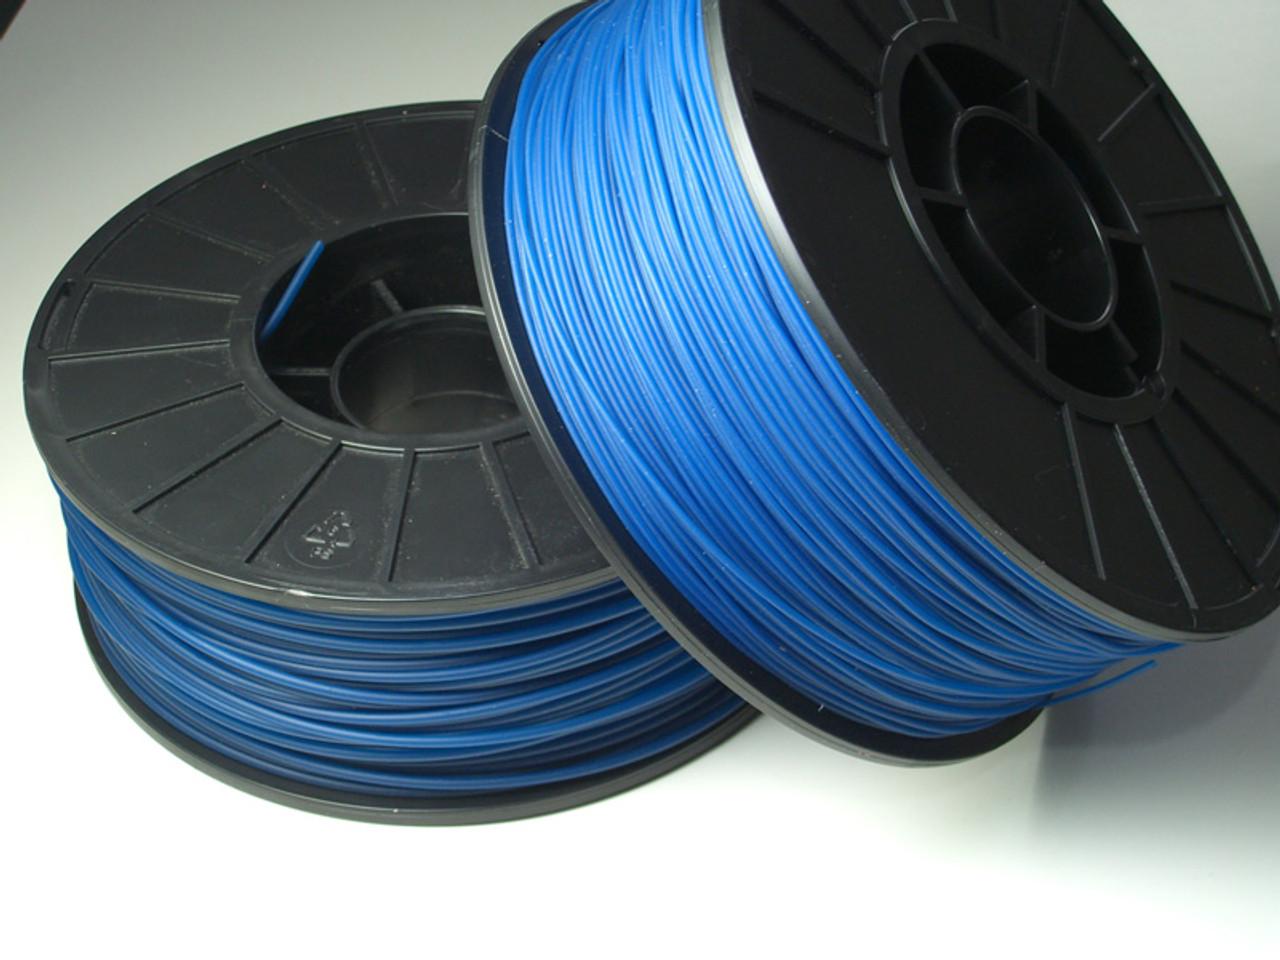 Print2Cast Wax Filament 1 Kg Spools